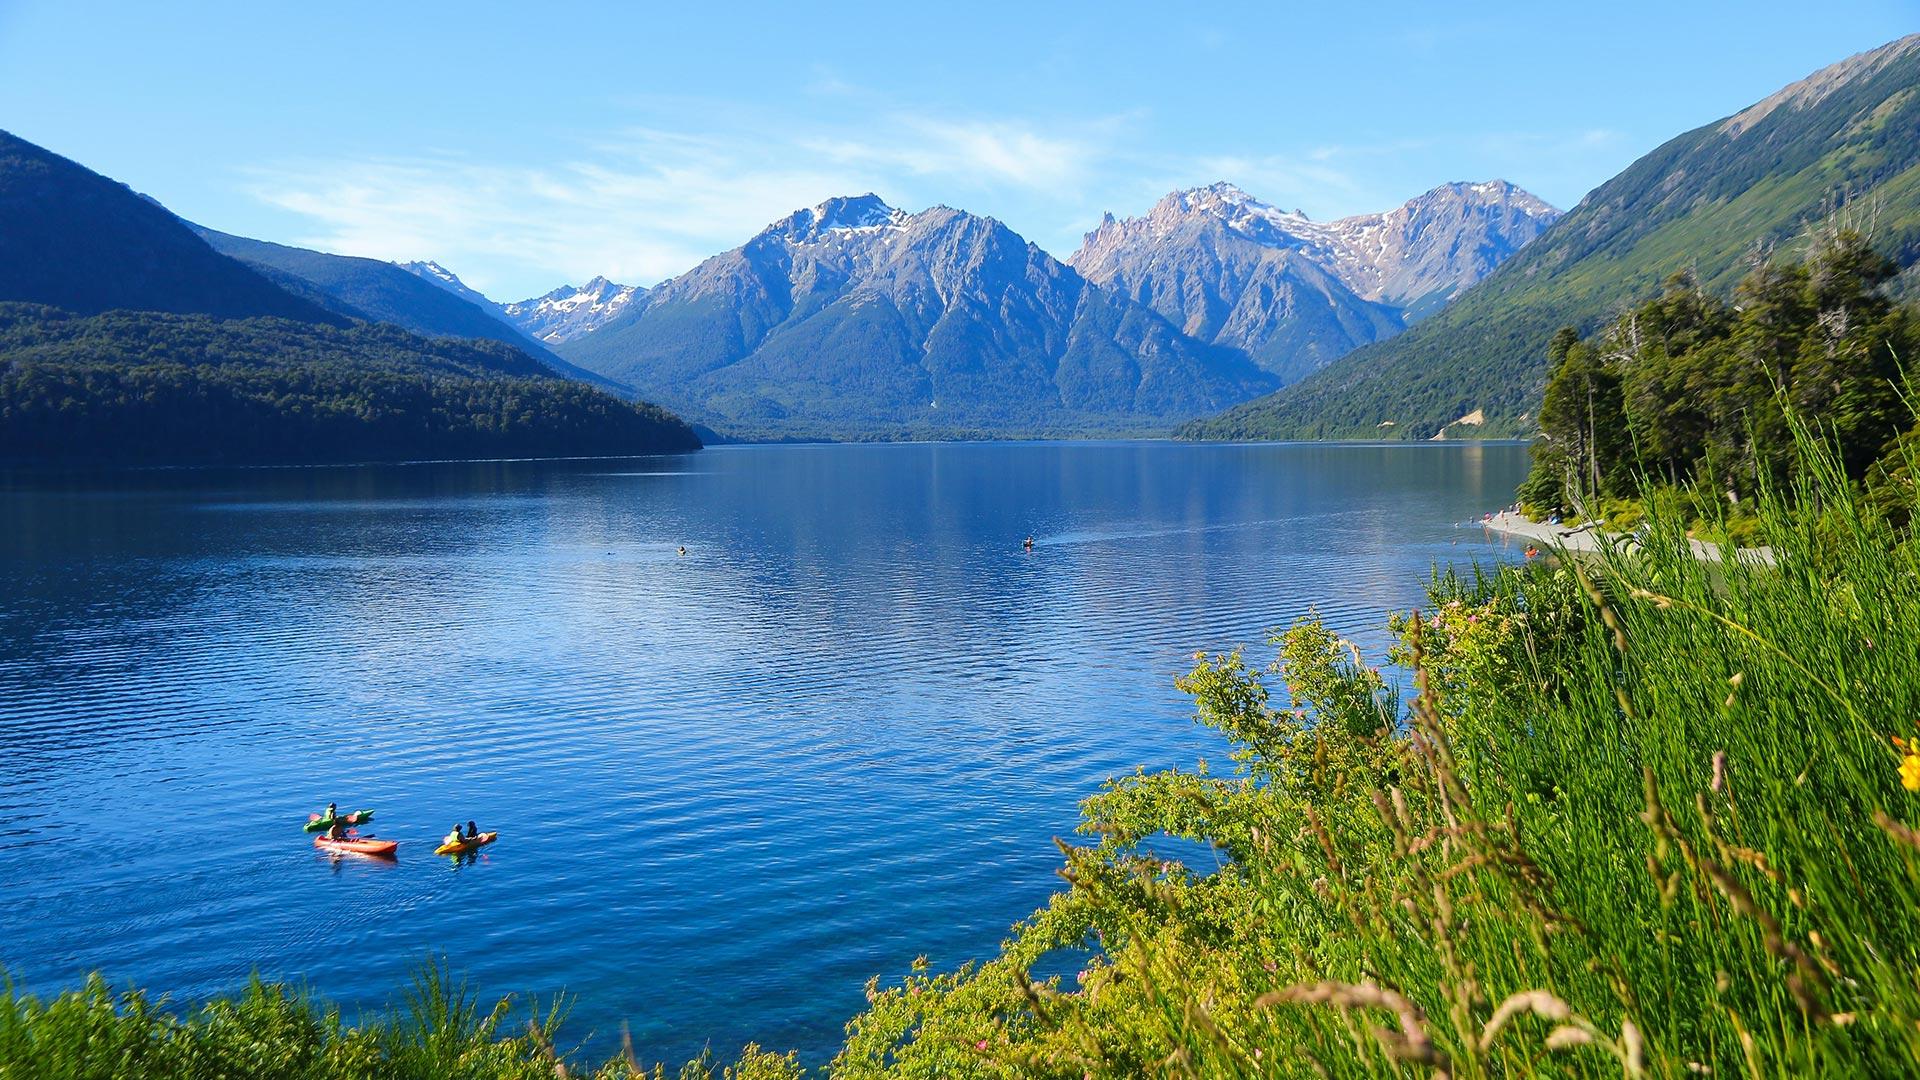 En su interior se encuentra el Lago Mascardi, con un largo máximo de 23 km, un ancho de 4 km y una profundidad máxima de 218 metros. Es un